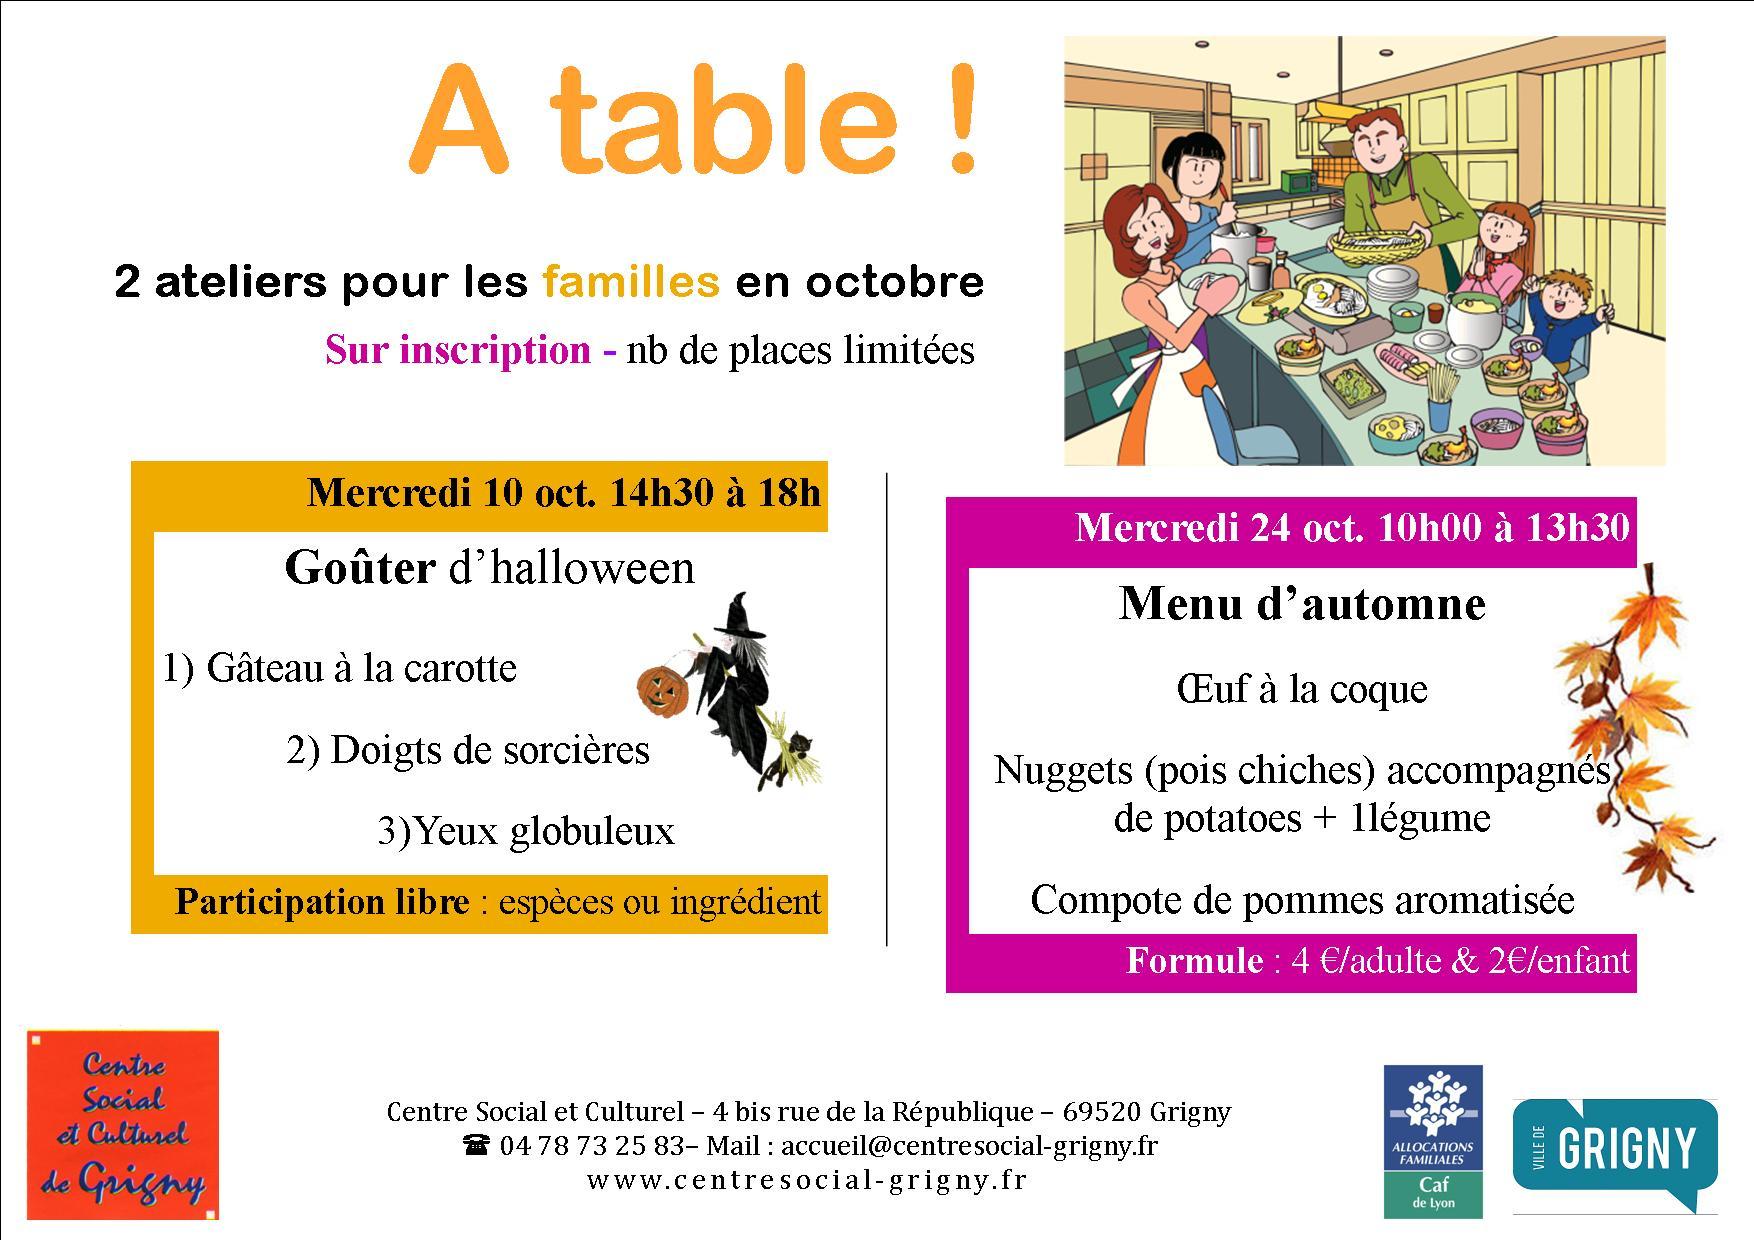 Cuisine en familles / Menu d'automne